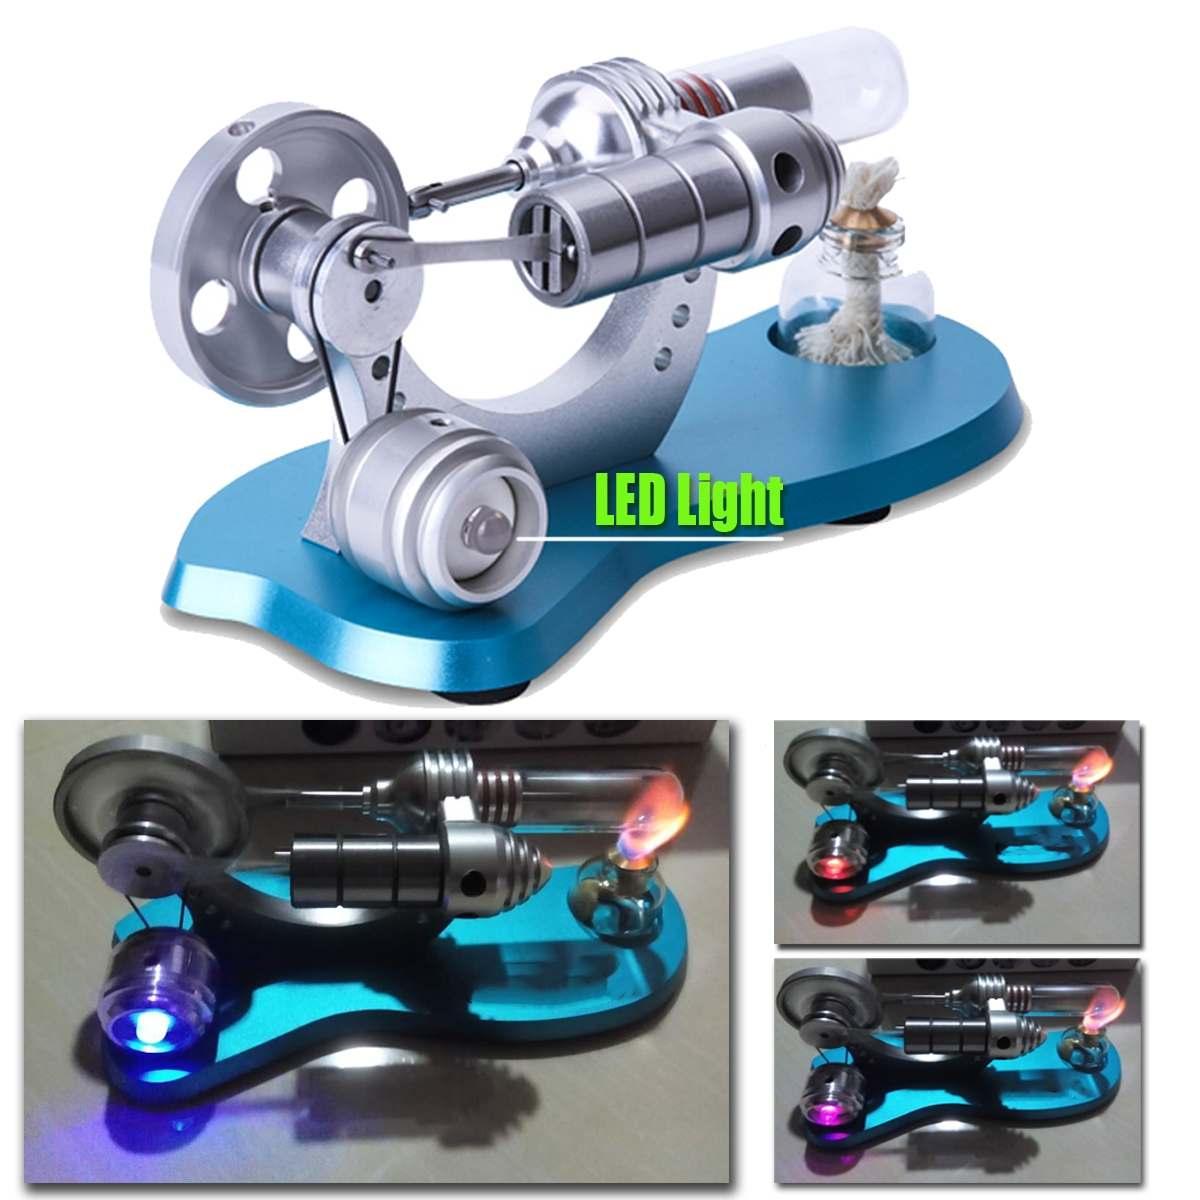 Mini générateur de modèle de jouet de moteur de moteur de Stirling d'air chaud avec le modèle d'apprentissage éducatif coloré de lumière LED pour des enfants adultes